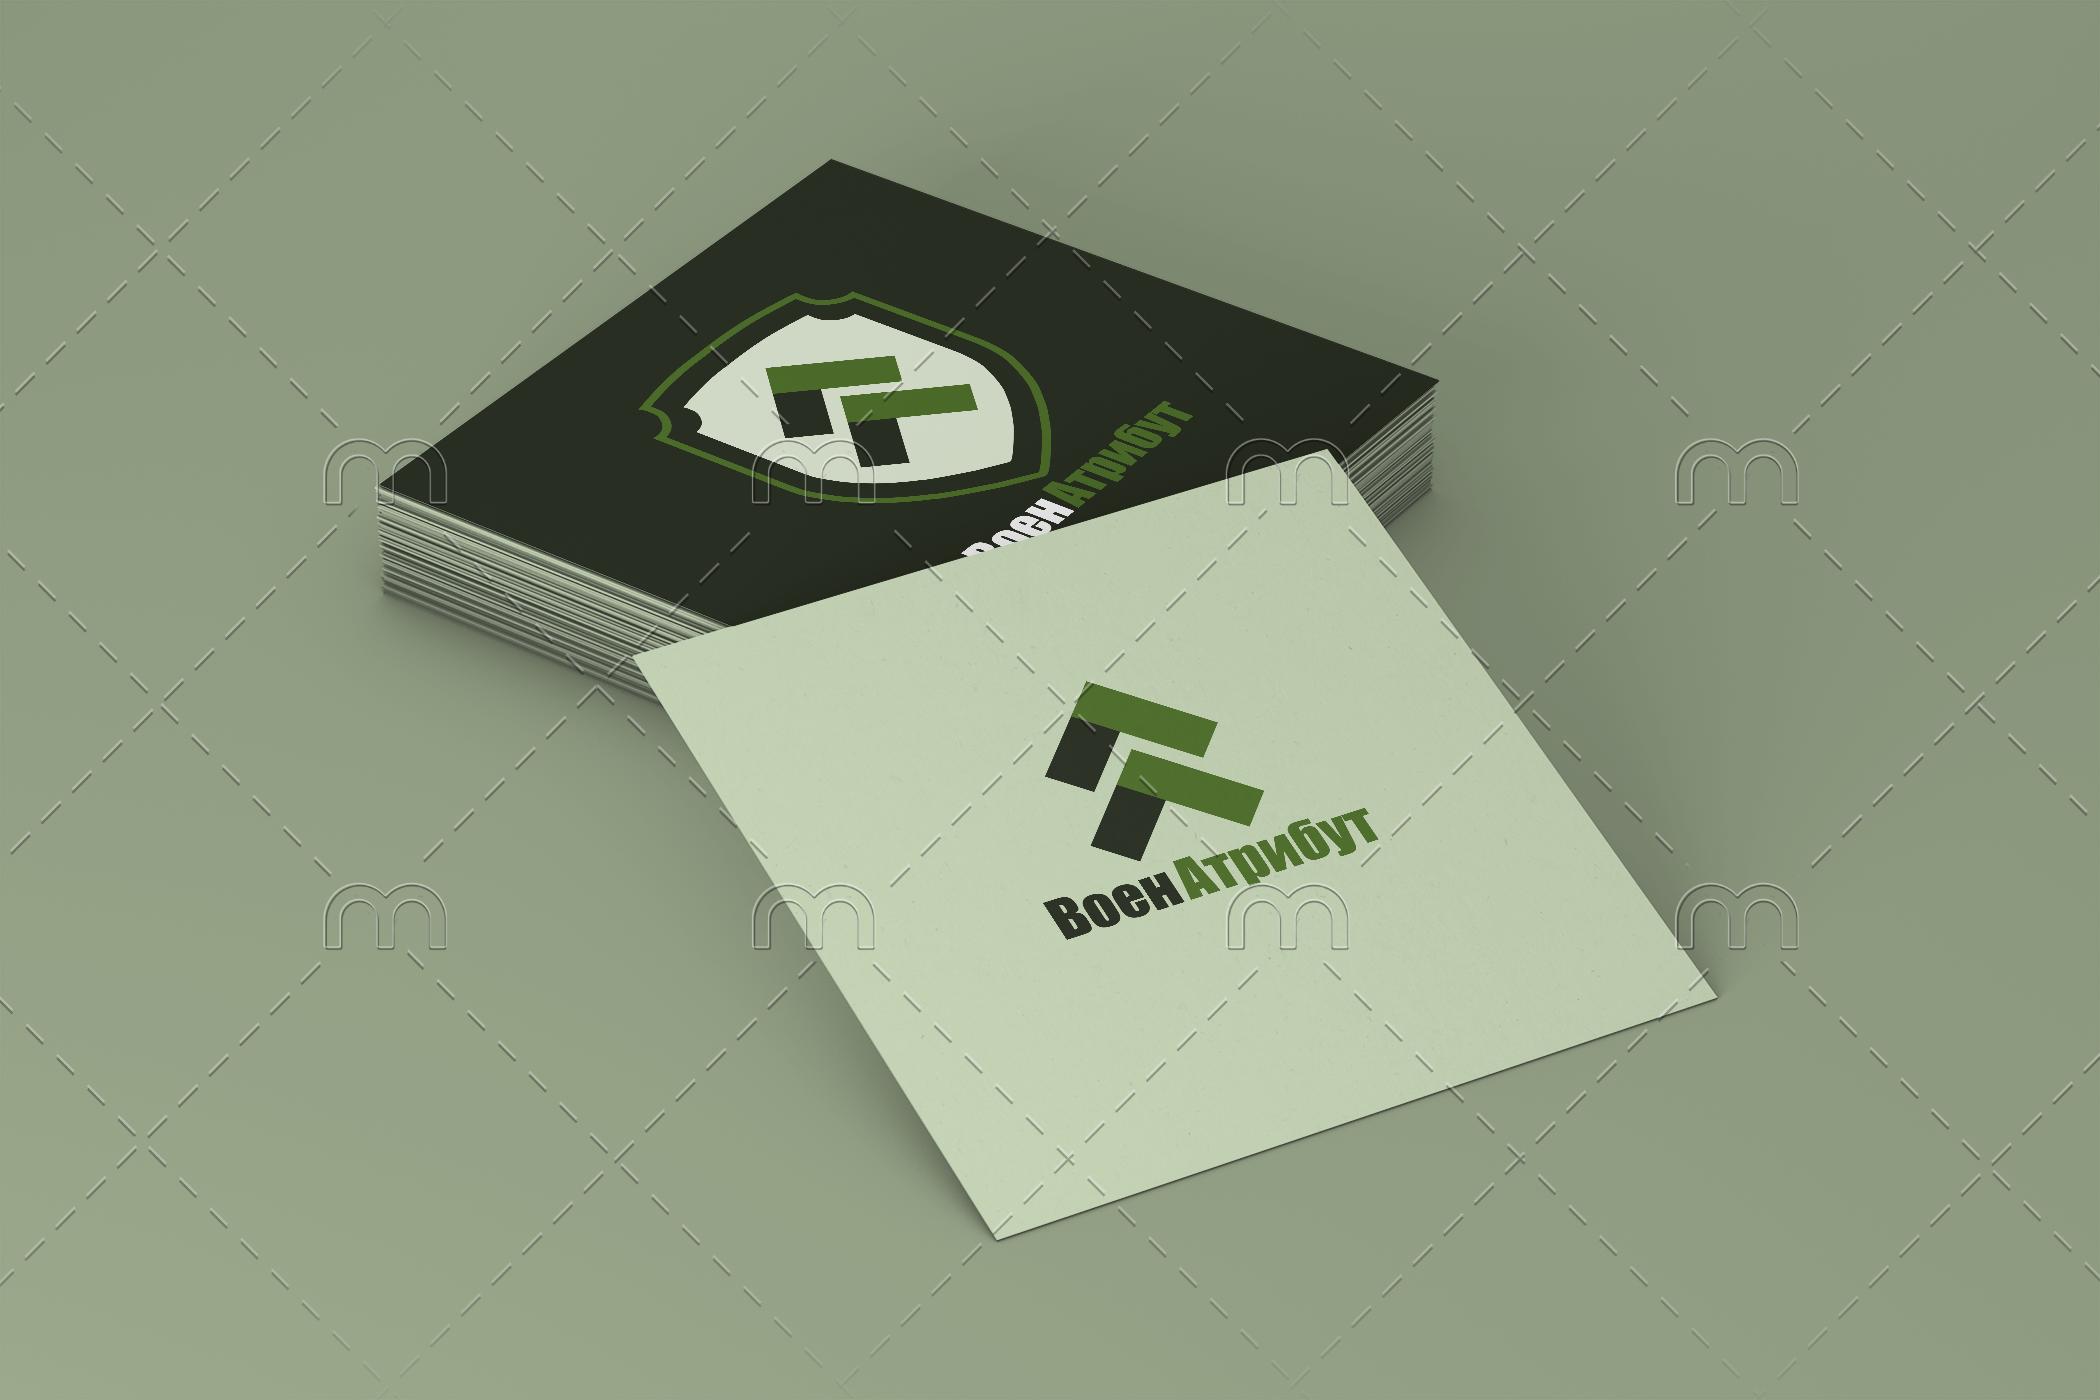 Разработка логотипа для компании военной тематики фото f_974601c18d8118d9.png